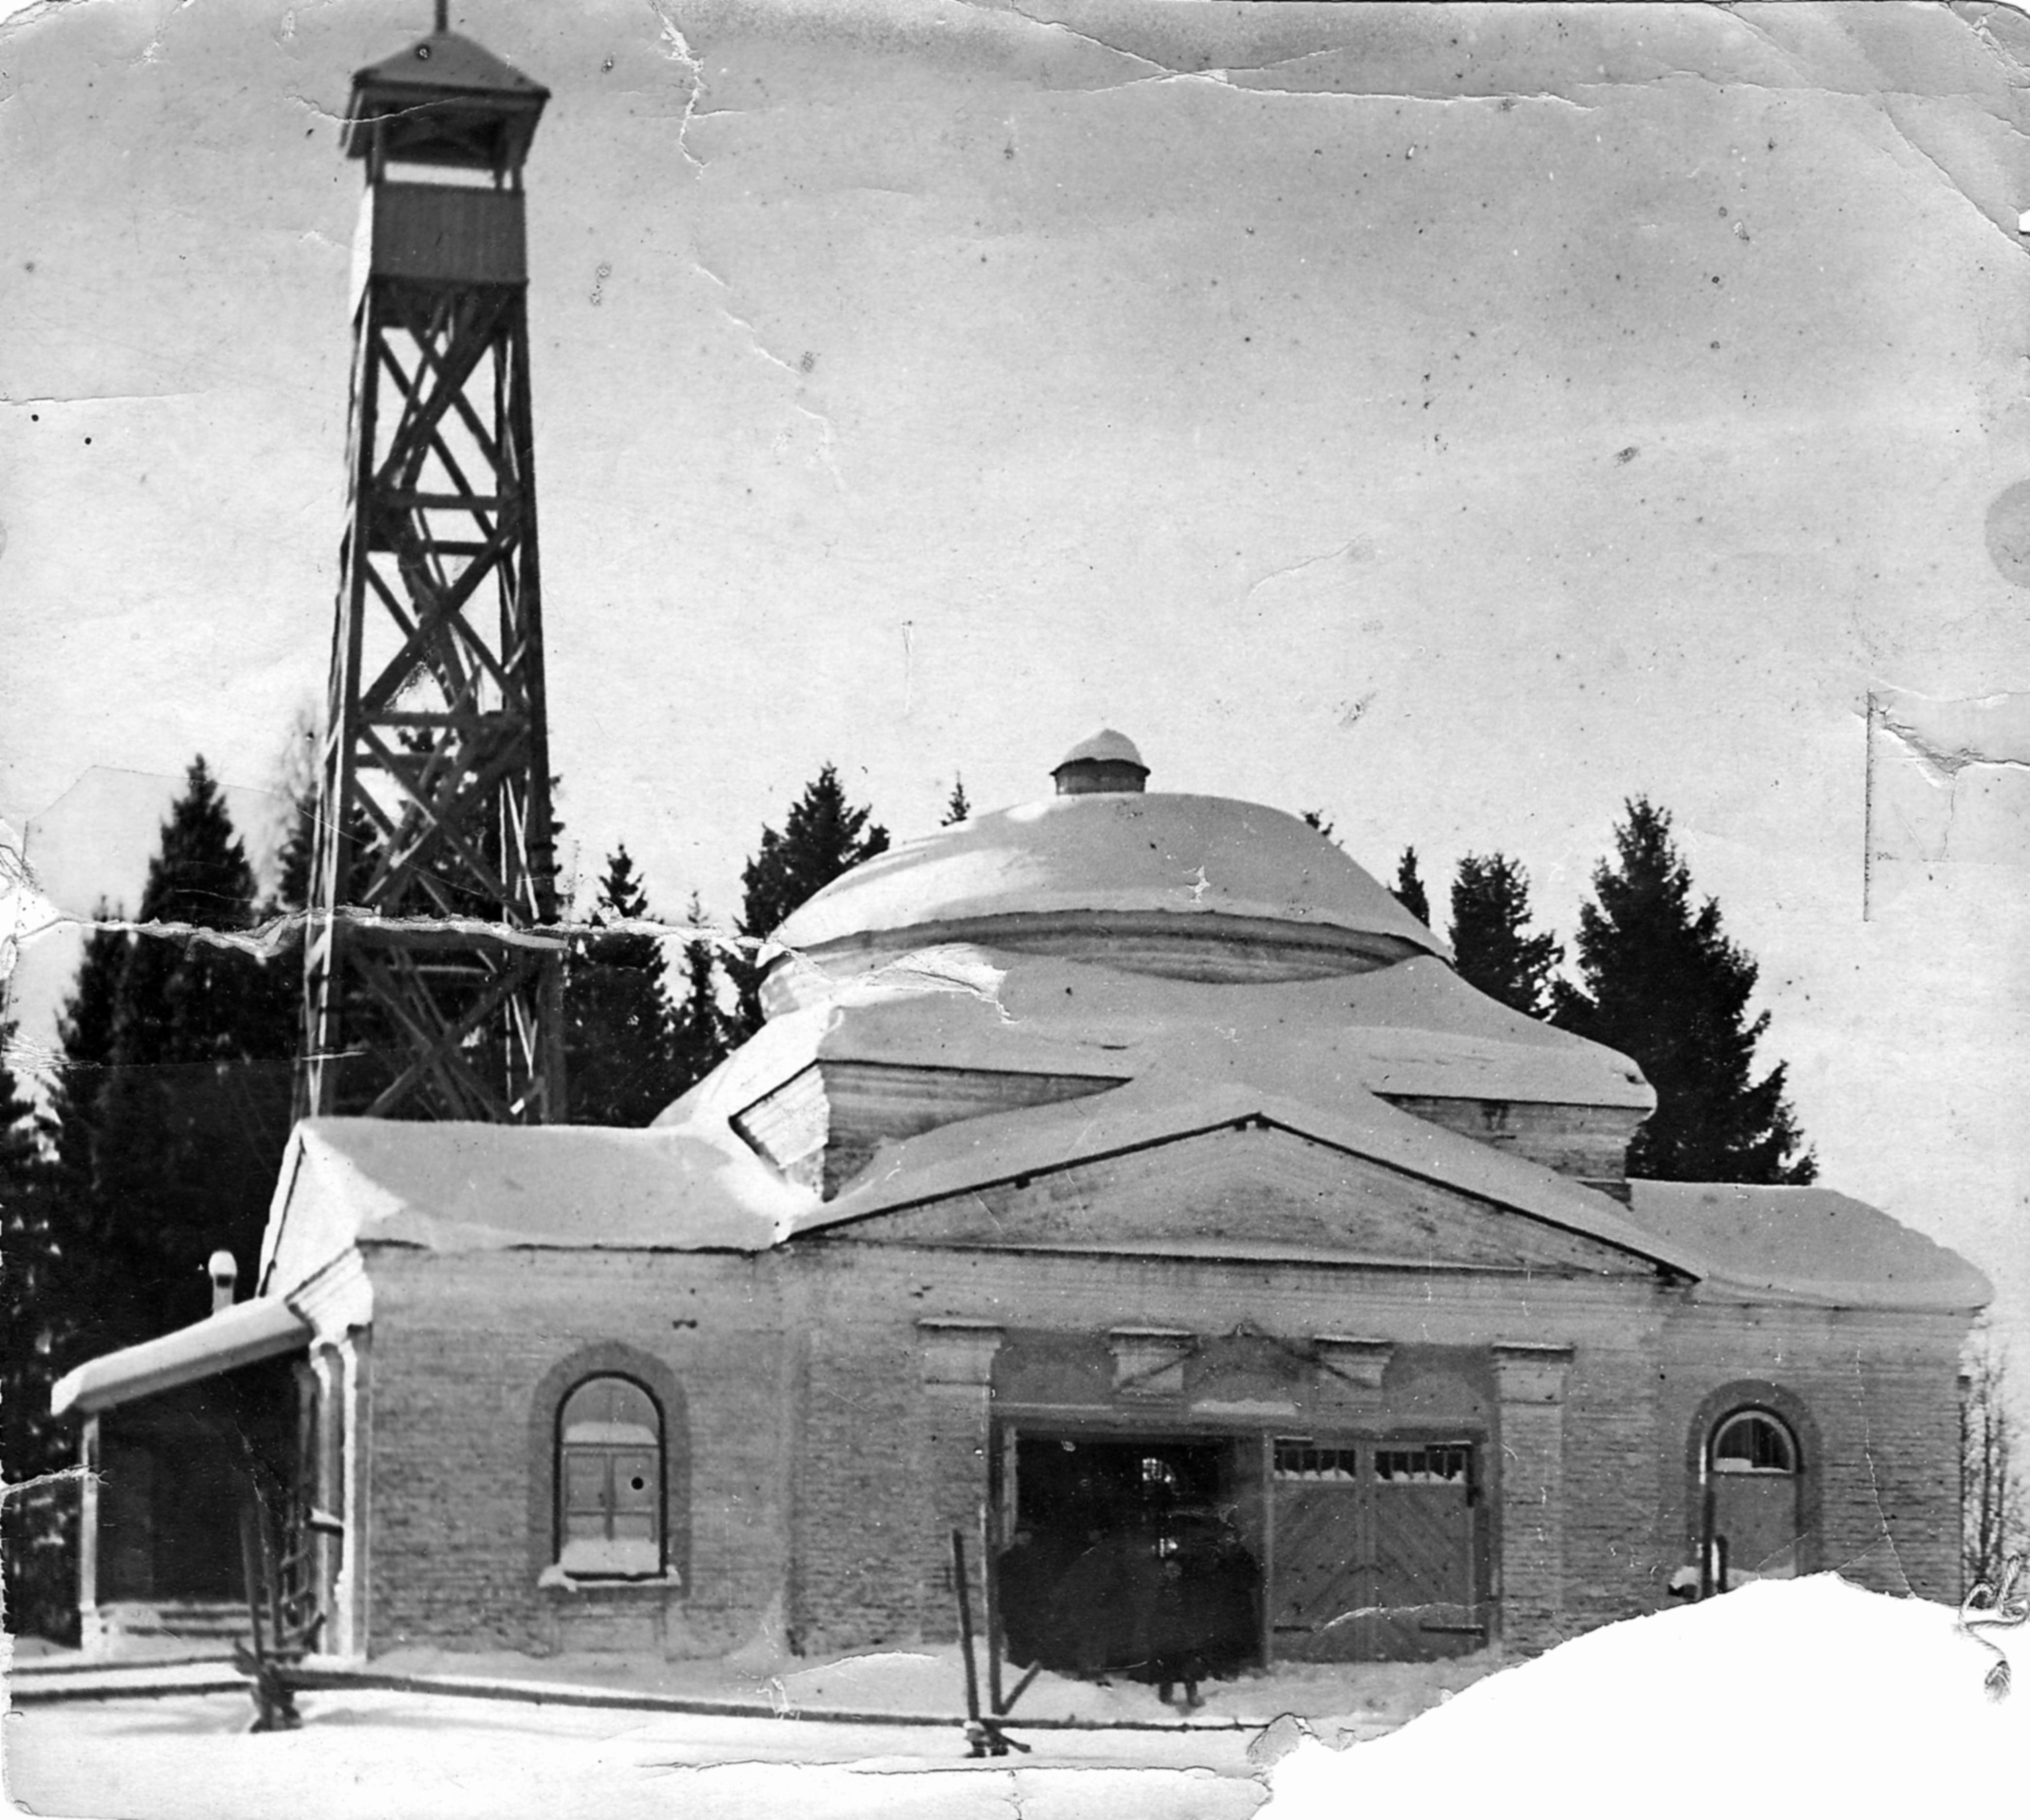 Церковь Дмитрия Солунского. фото 1950 года.